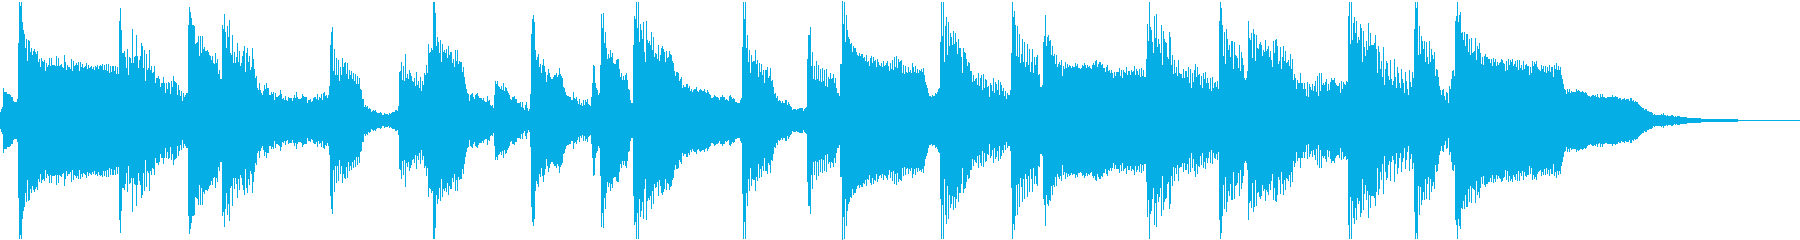 ケルト_わびしいジングル の再生済みの波形